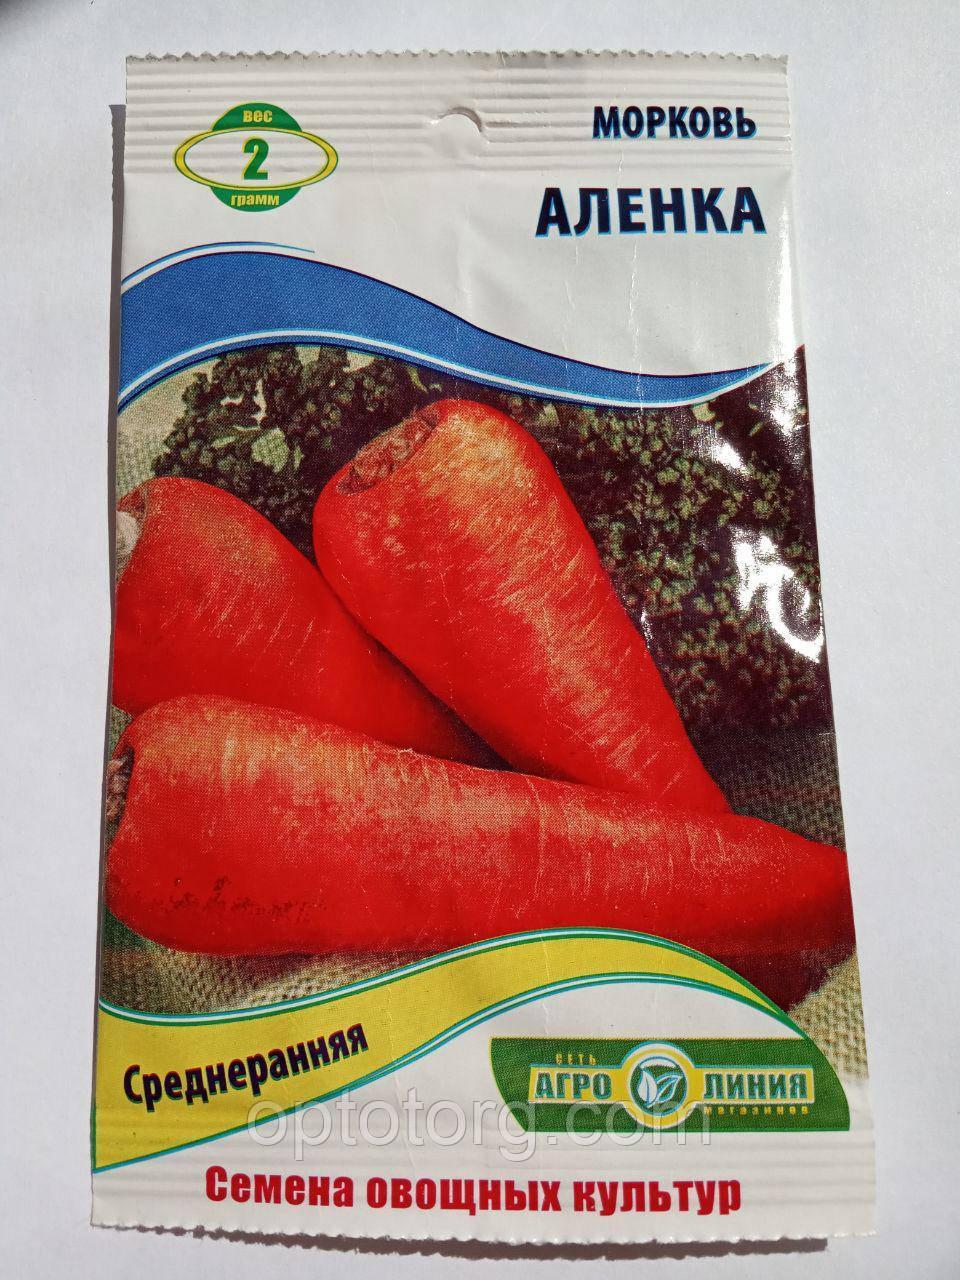 Семена моркови Аленка 2 гр